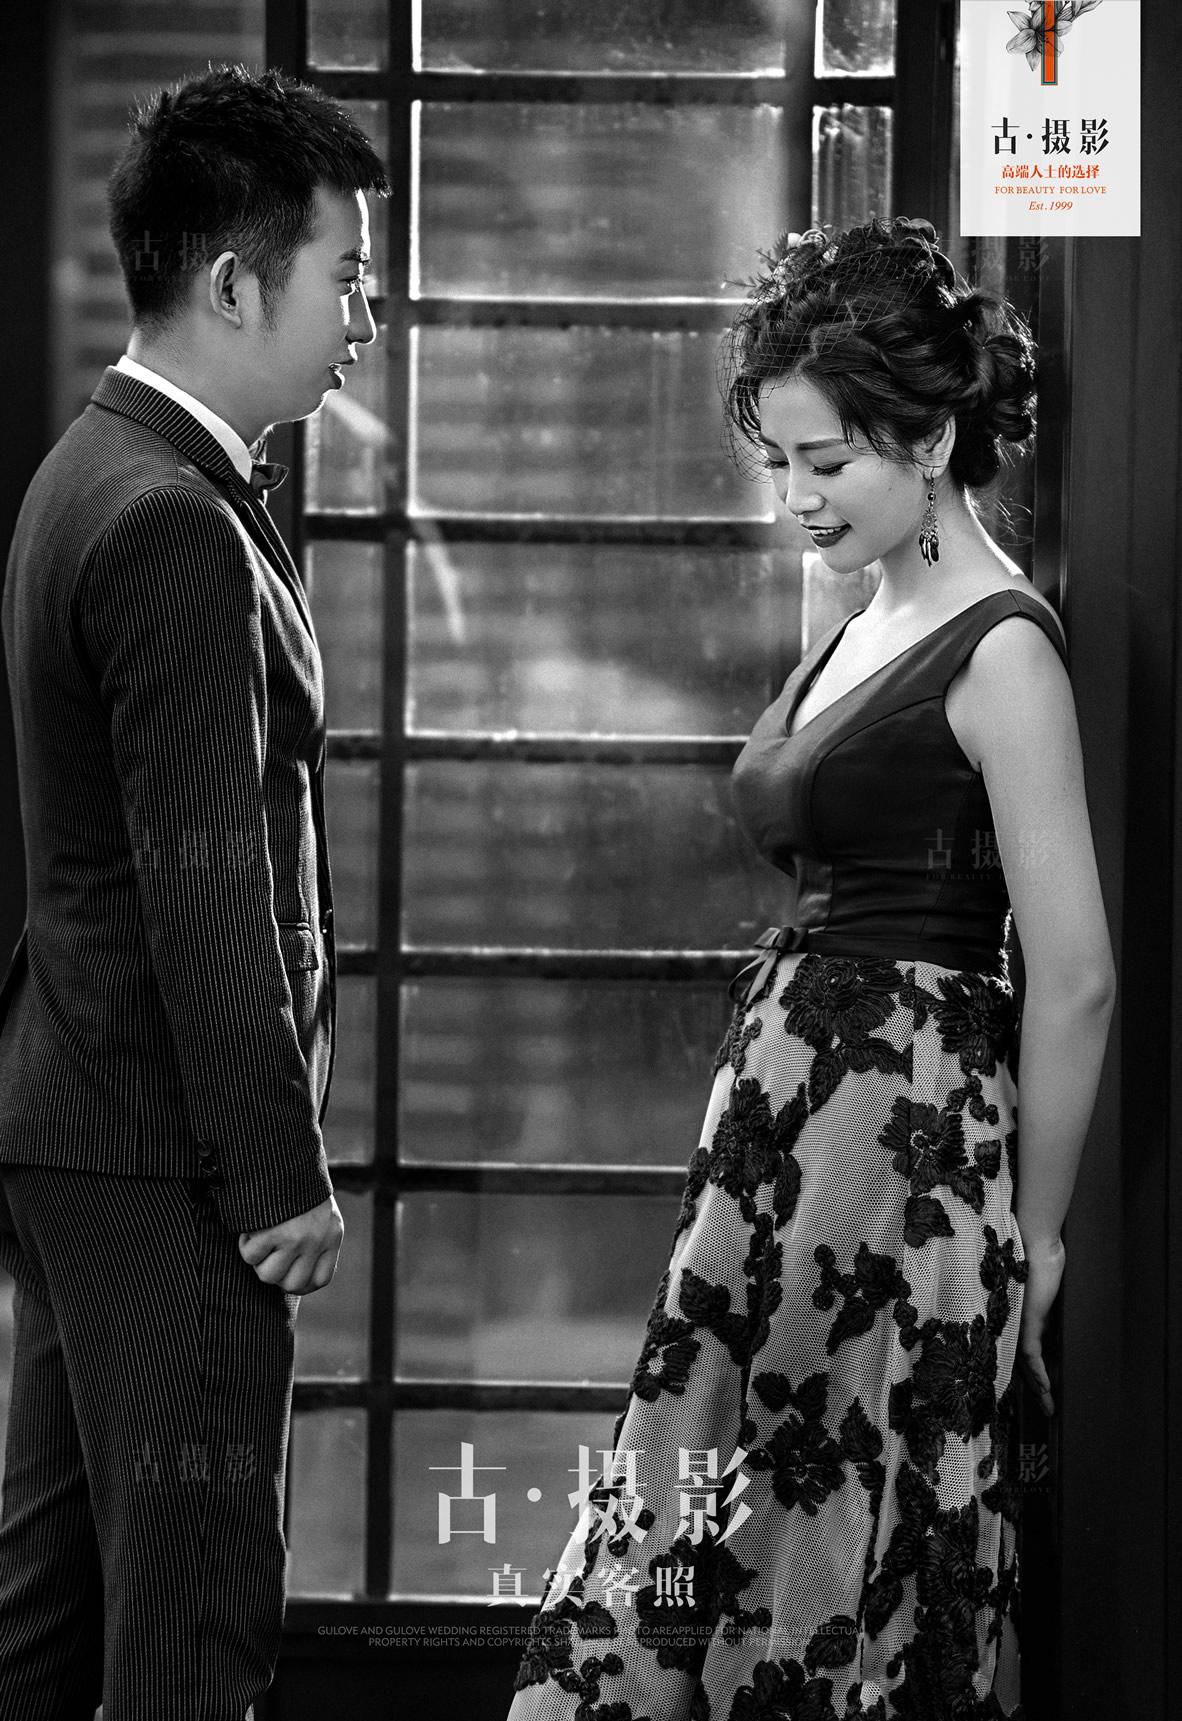 8月3日客片李先生 邱小姐 - 每日客照 - 广州婚纱摄影-广州古摄影官网